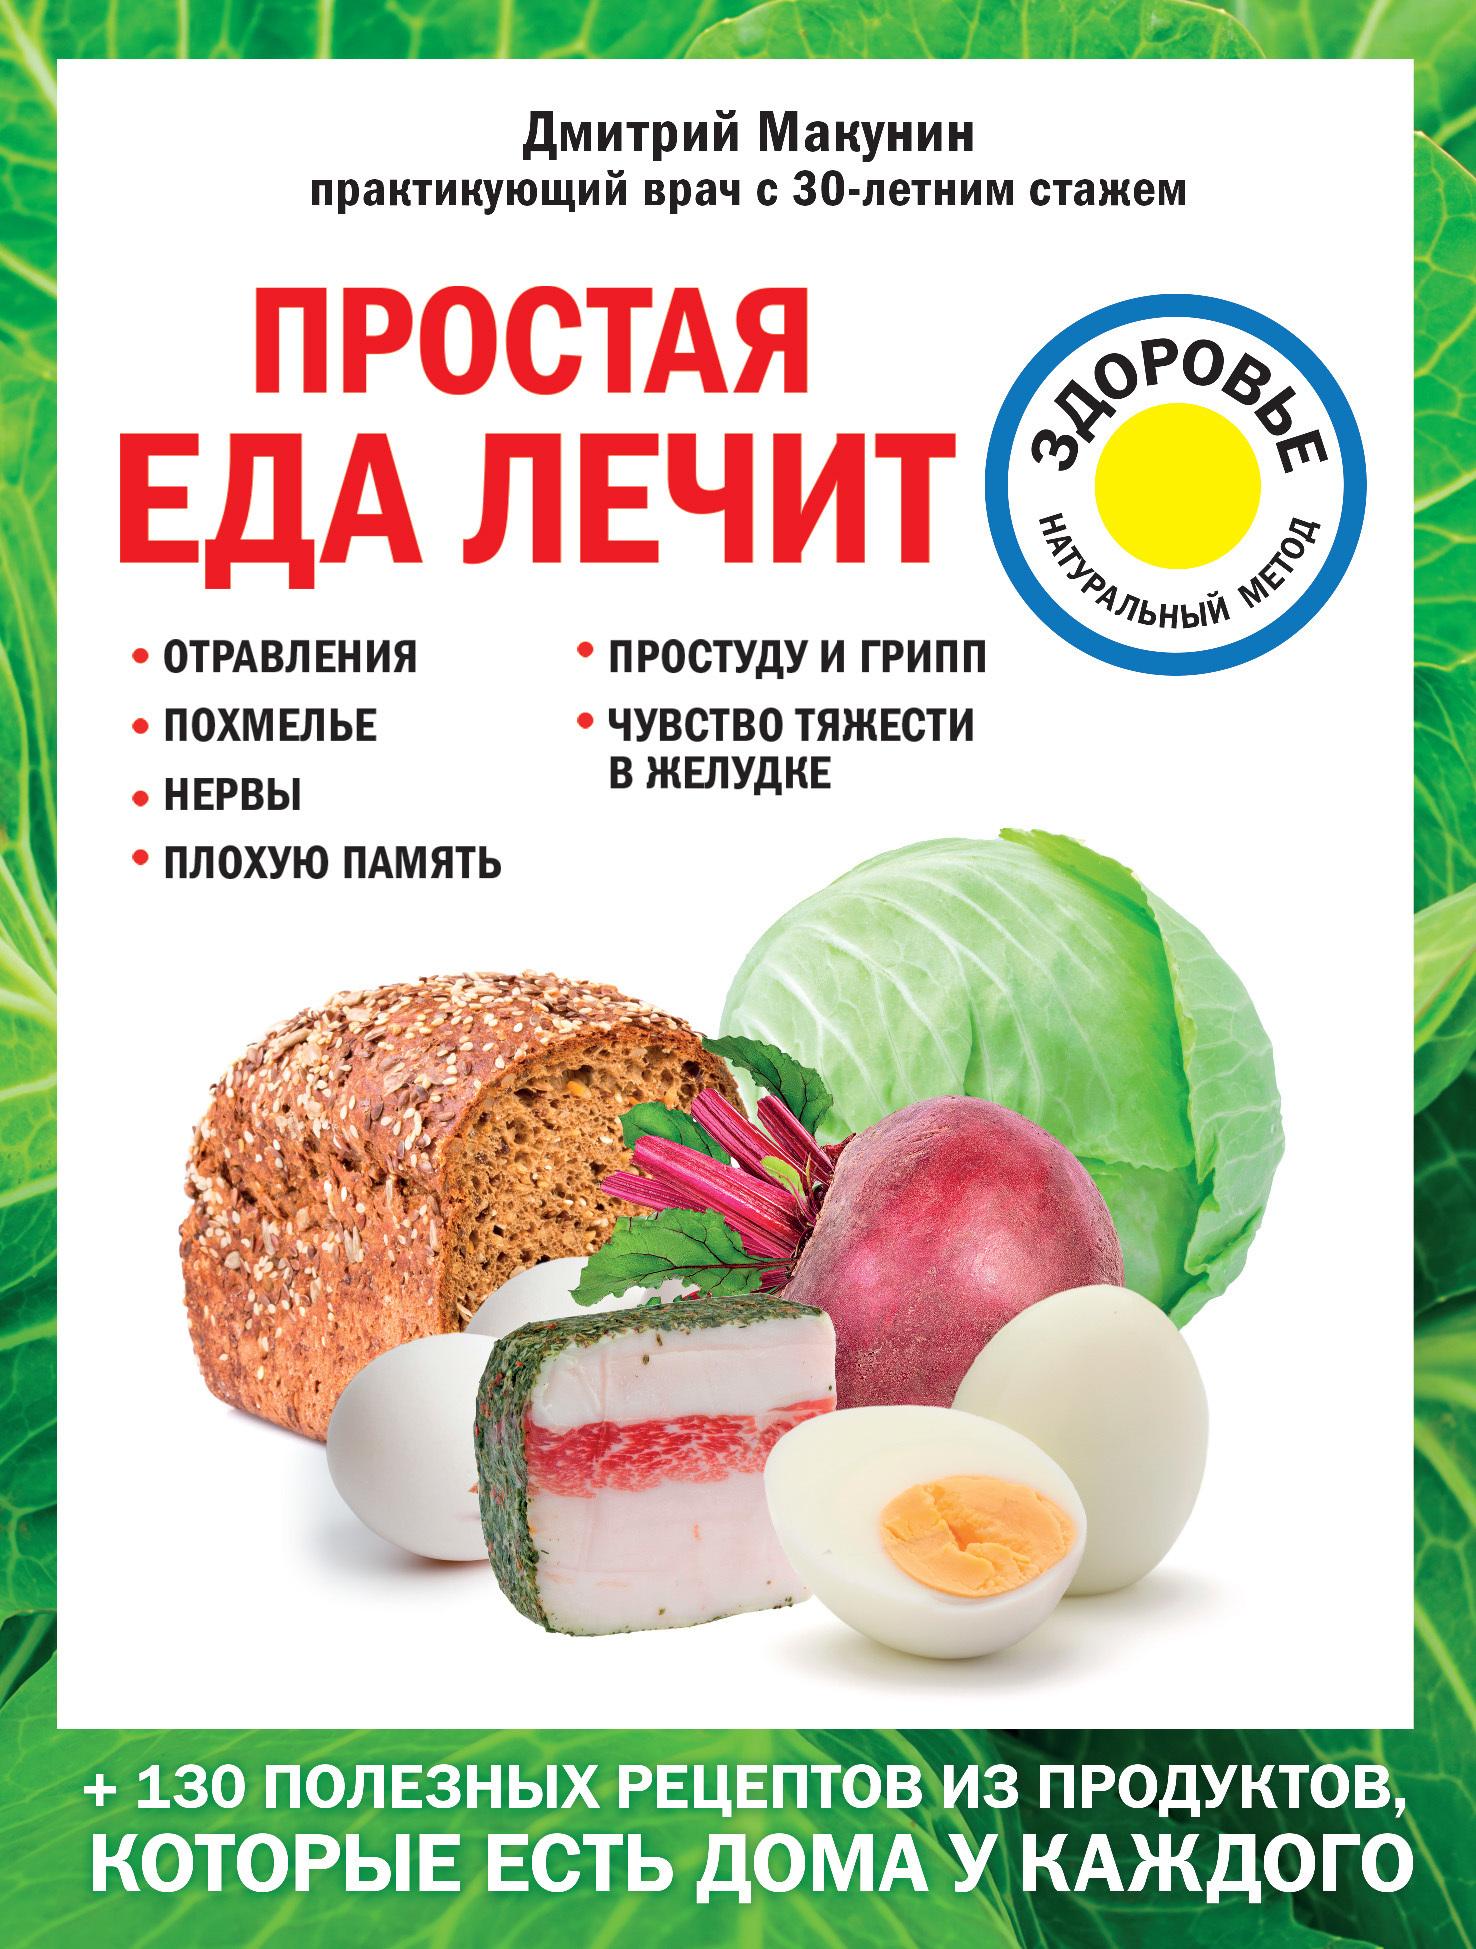 Дмитрий Макунин Простая еда лечит: отравления, похмелье, нервы, плохую память, простуду и грипп